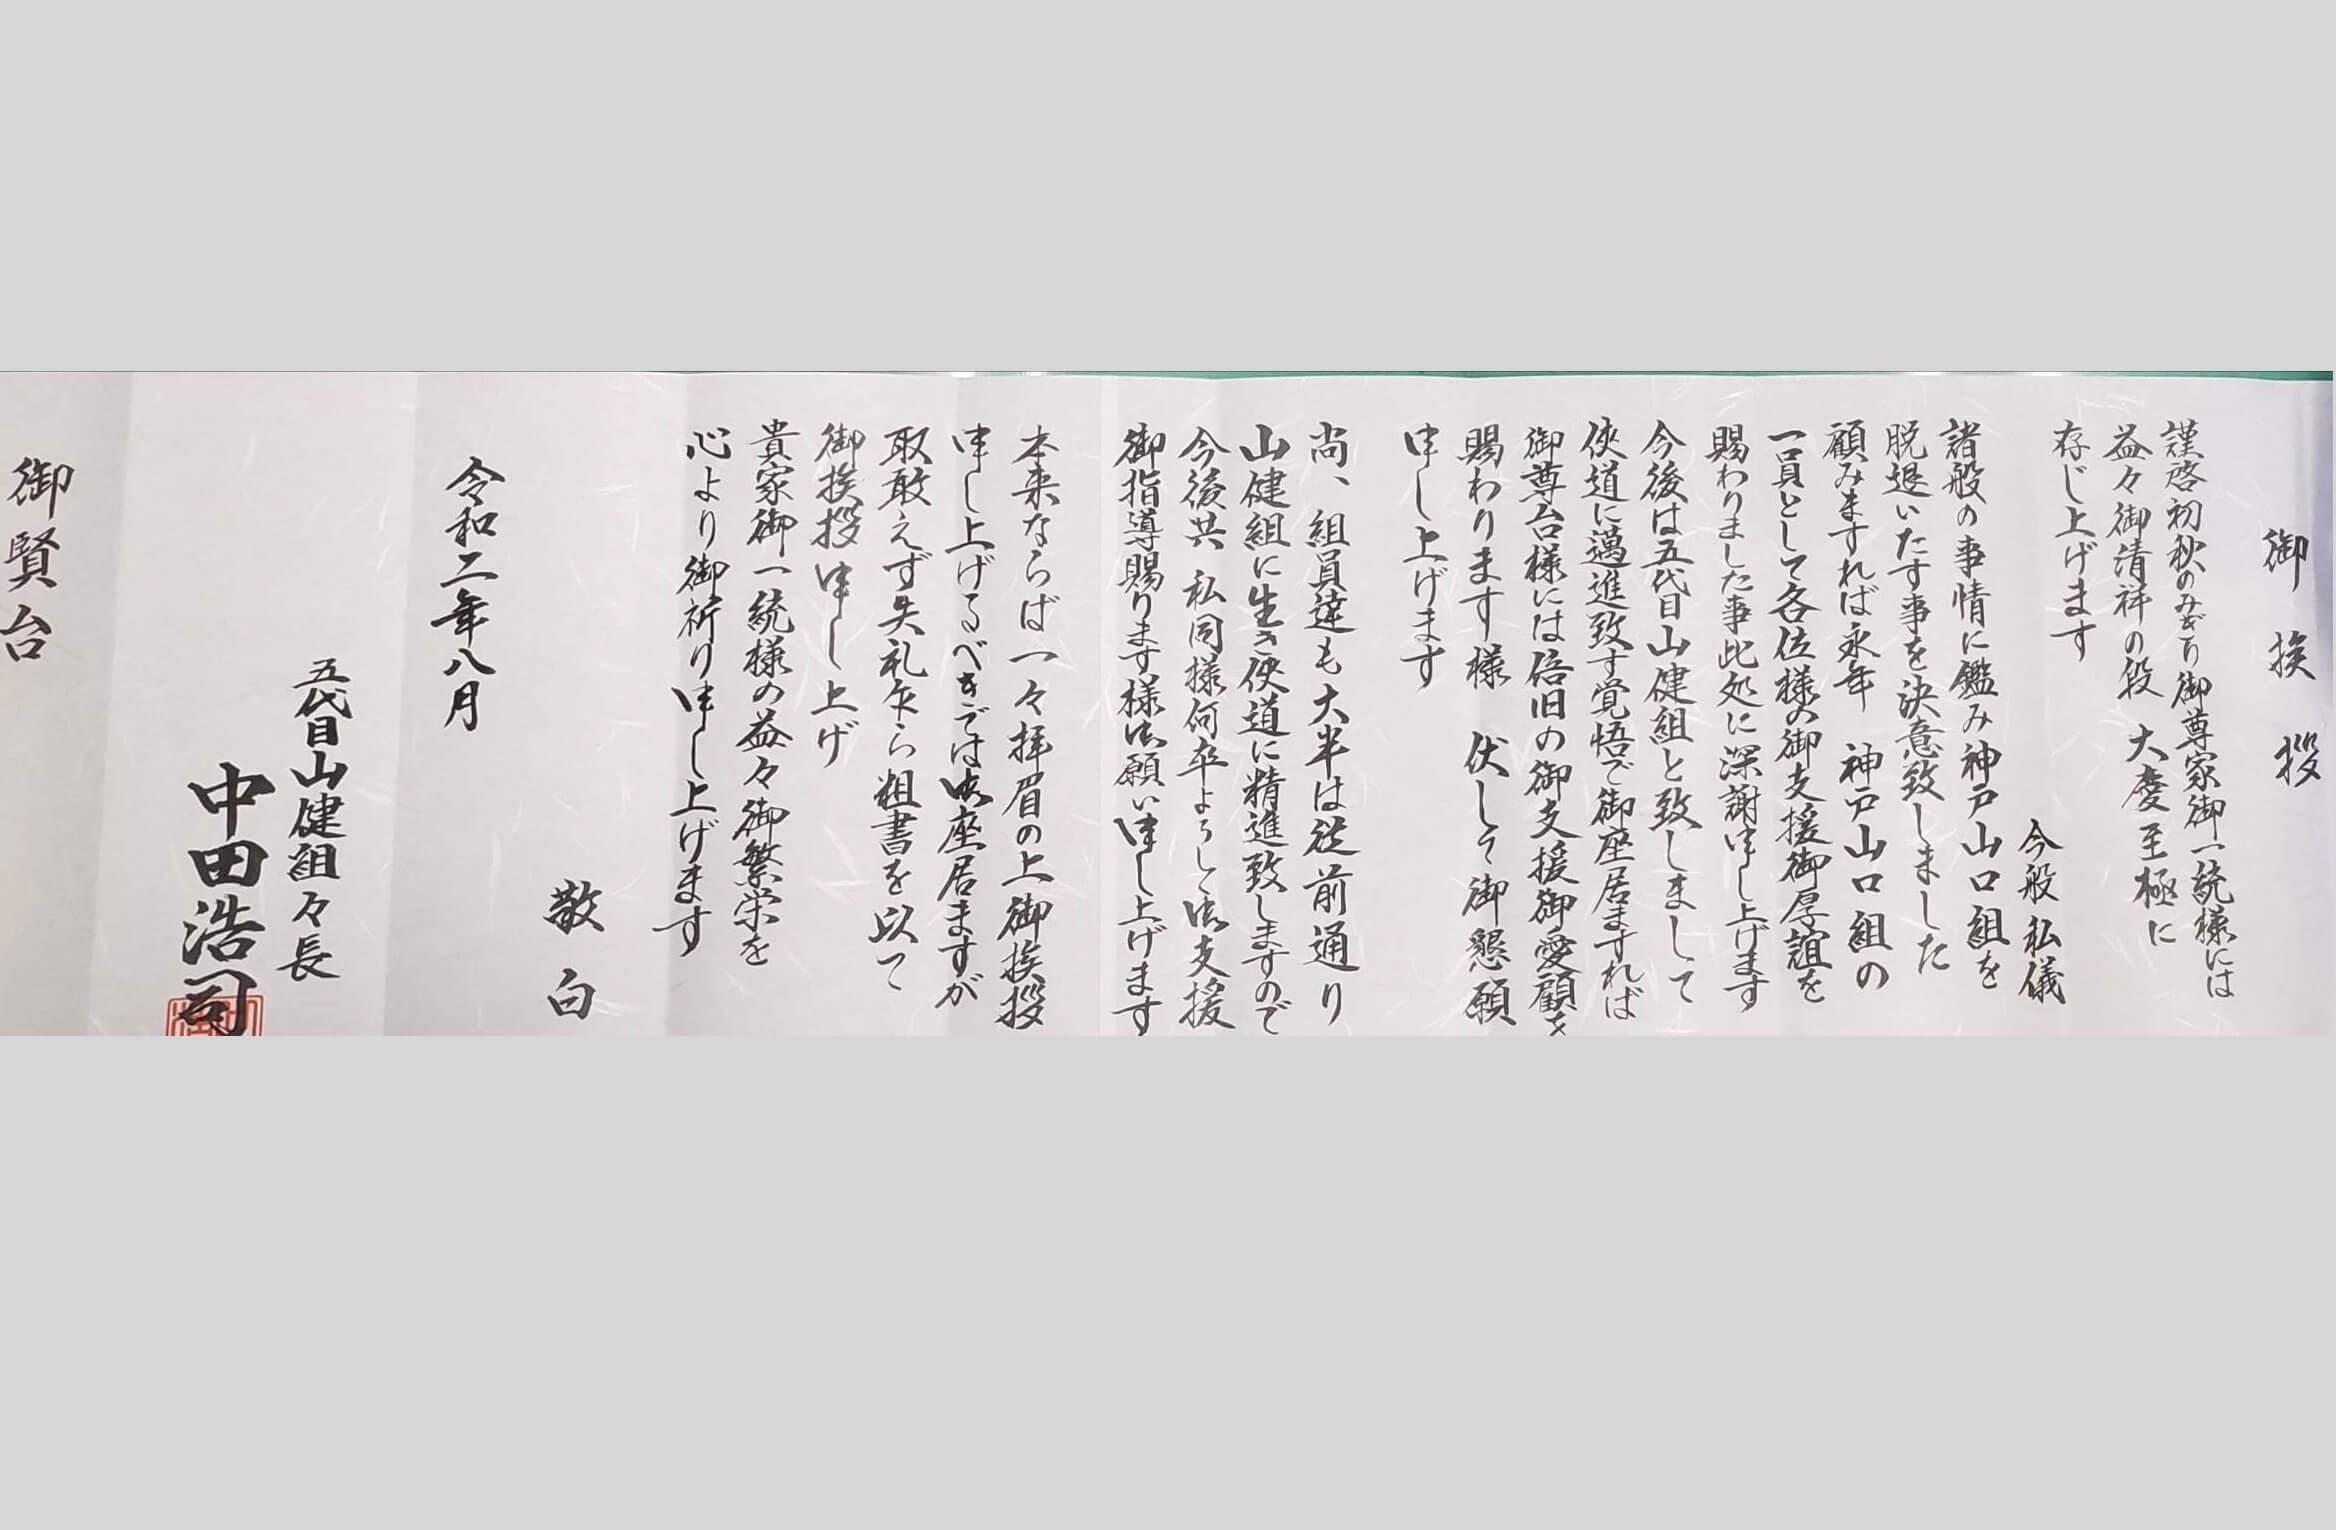 山口組 を 研究 会 神戸 する